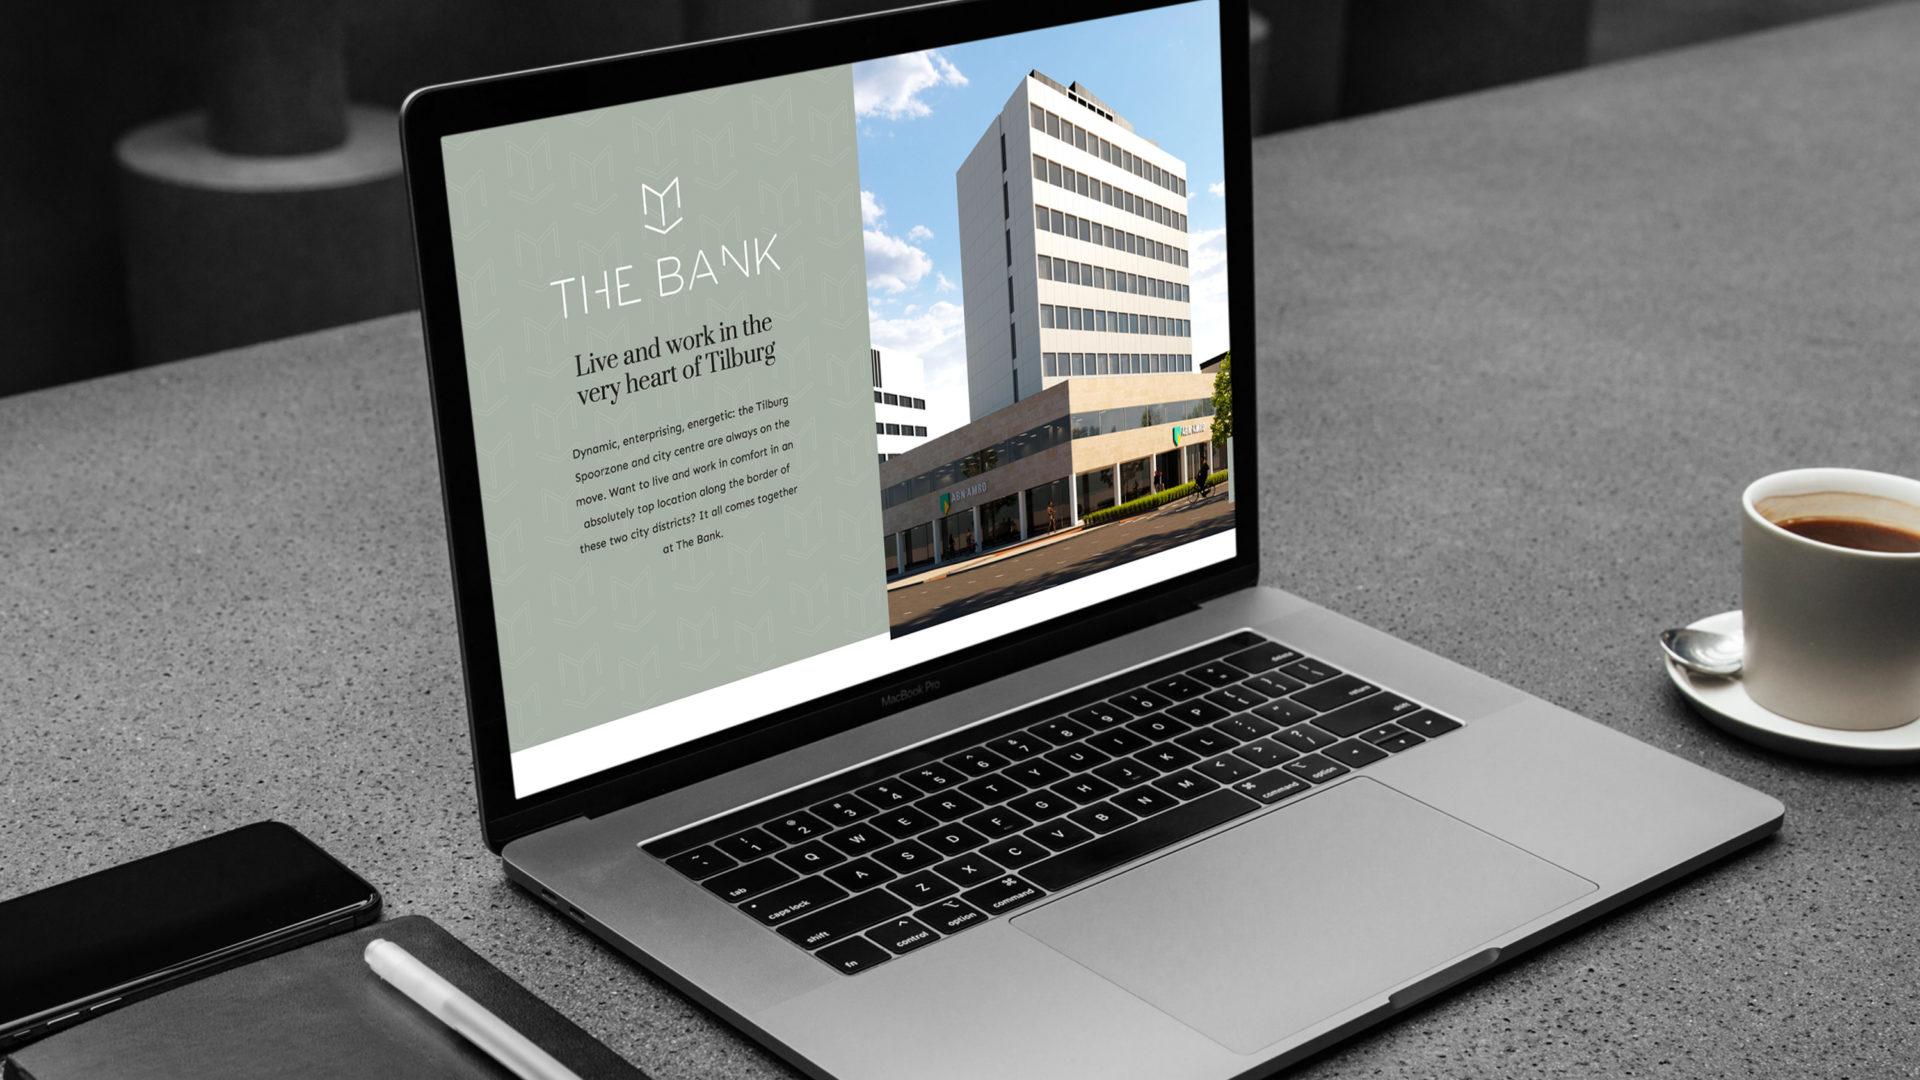 TheBank_Macbook